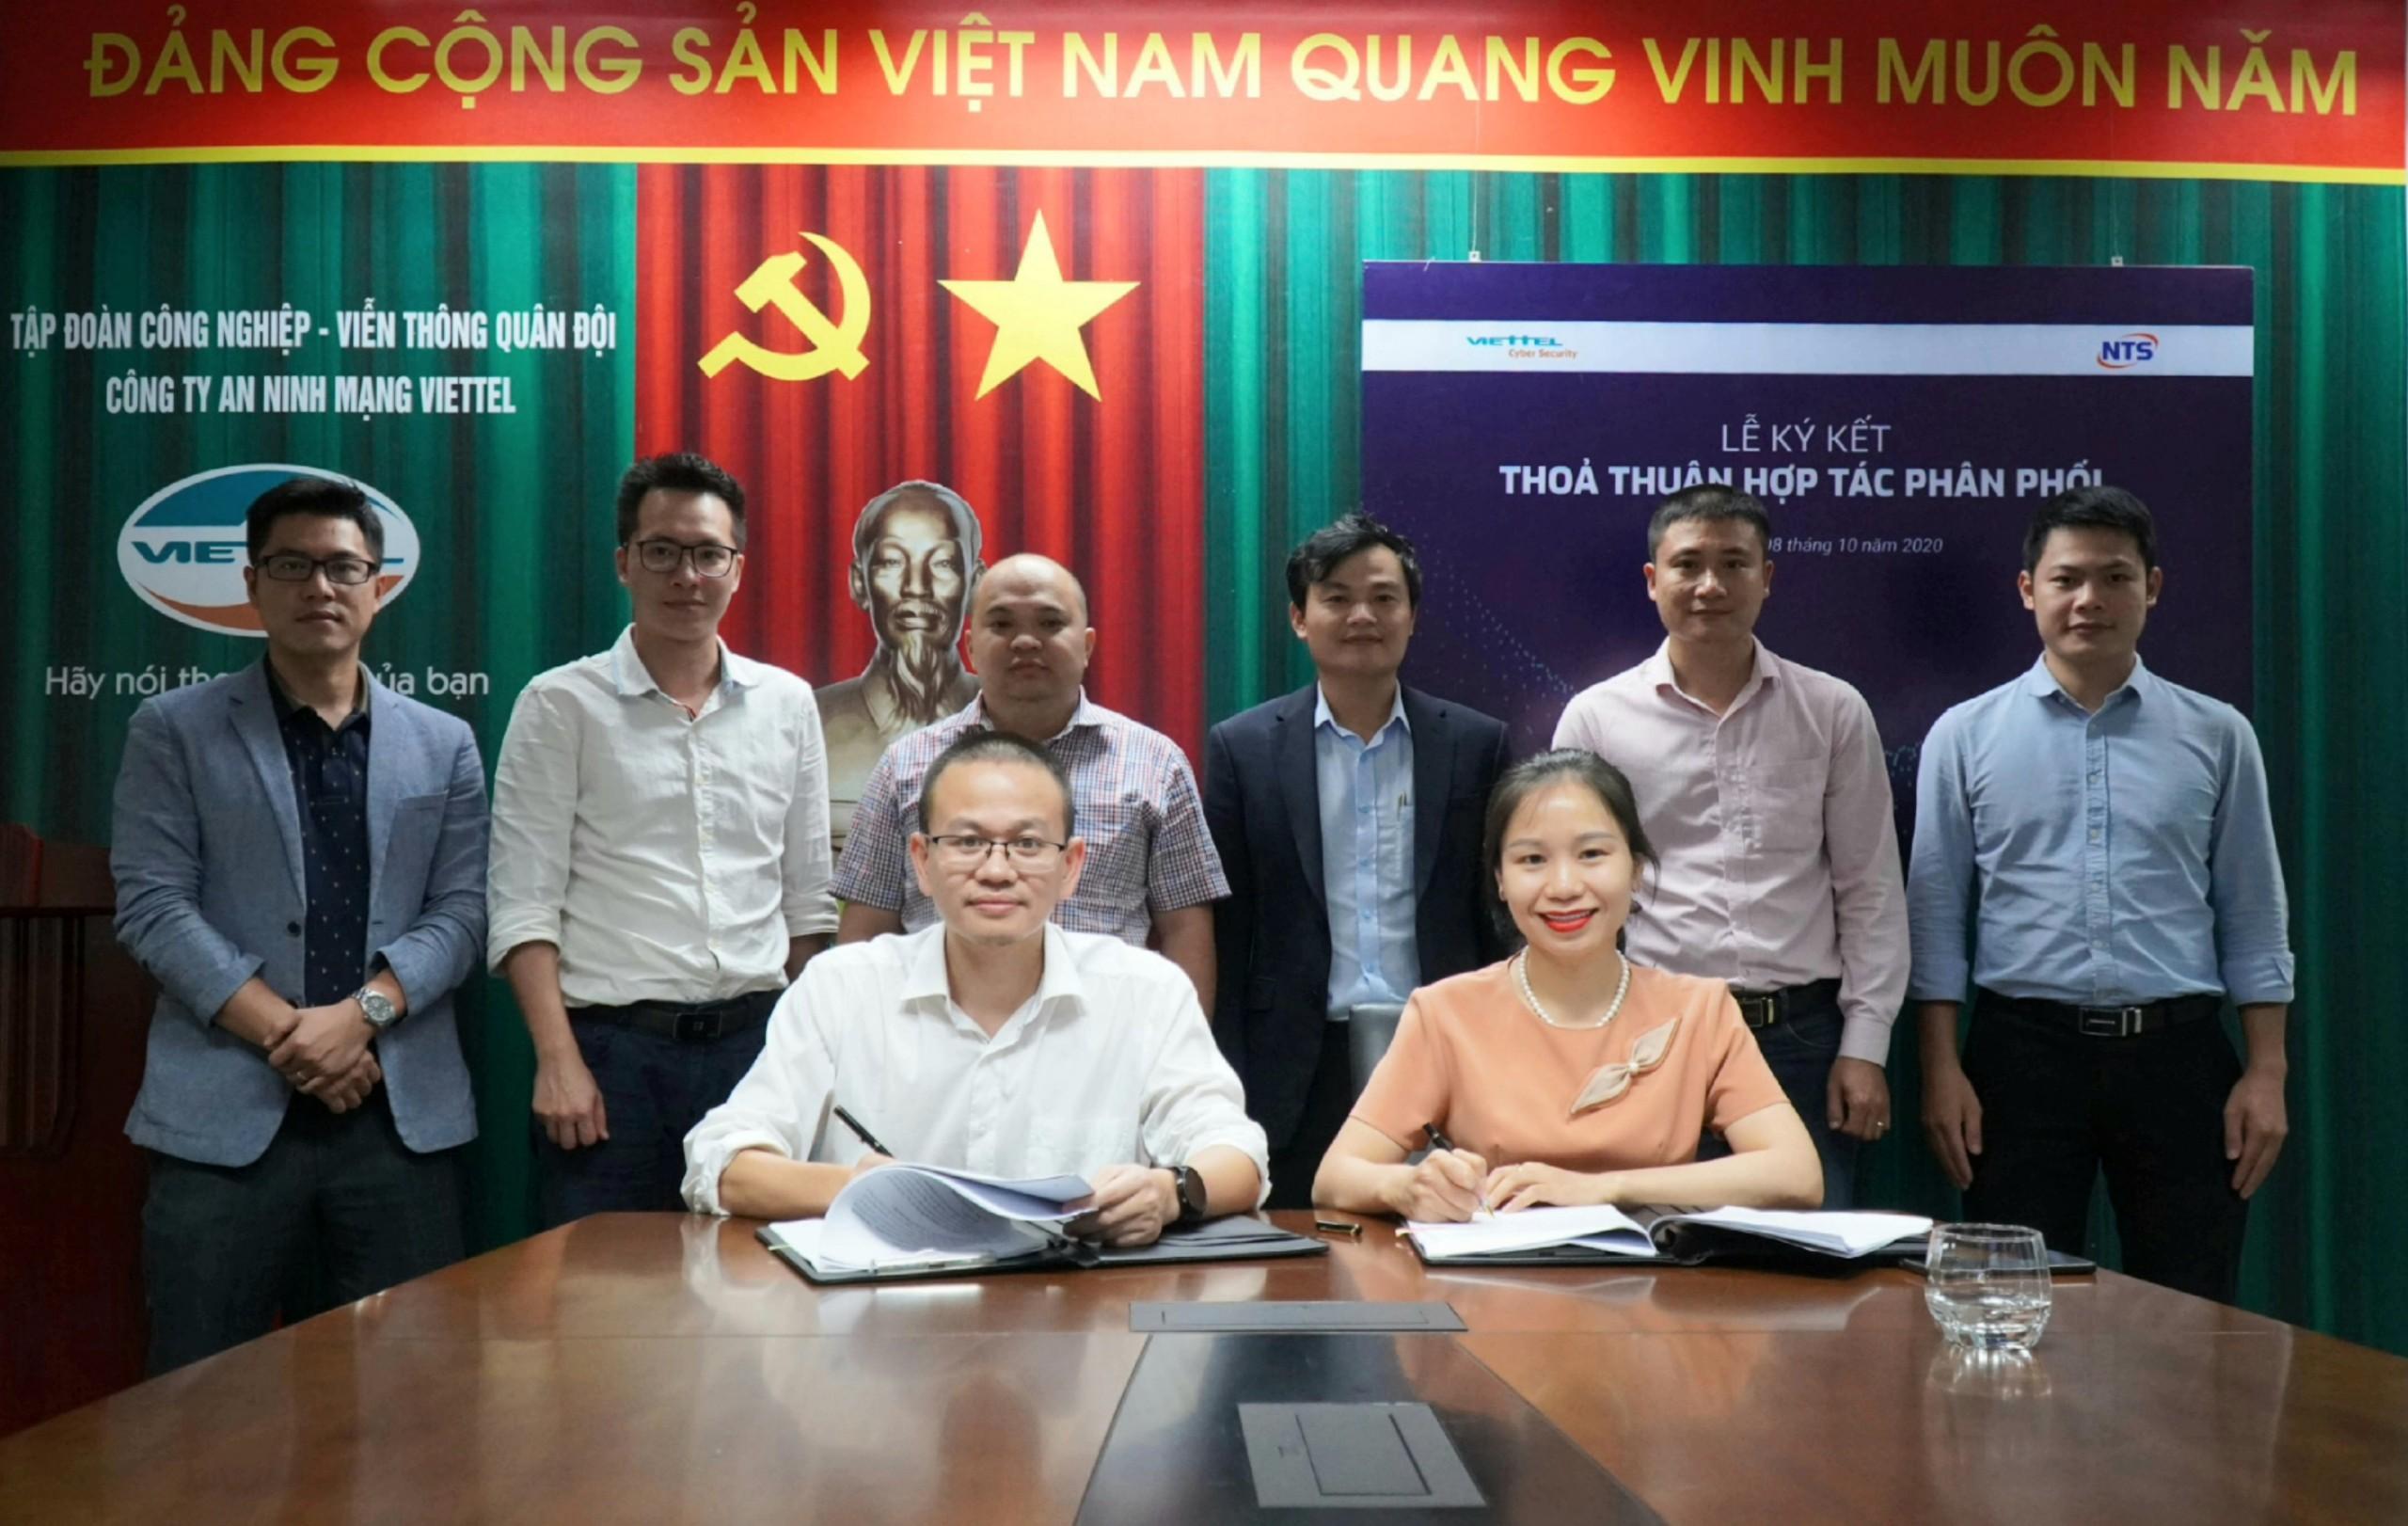 VCS ký kết thỏa thuận hợp tác phân phối với Nam Trường Sơn Hà Nội